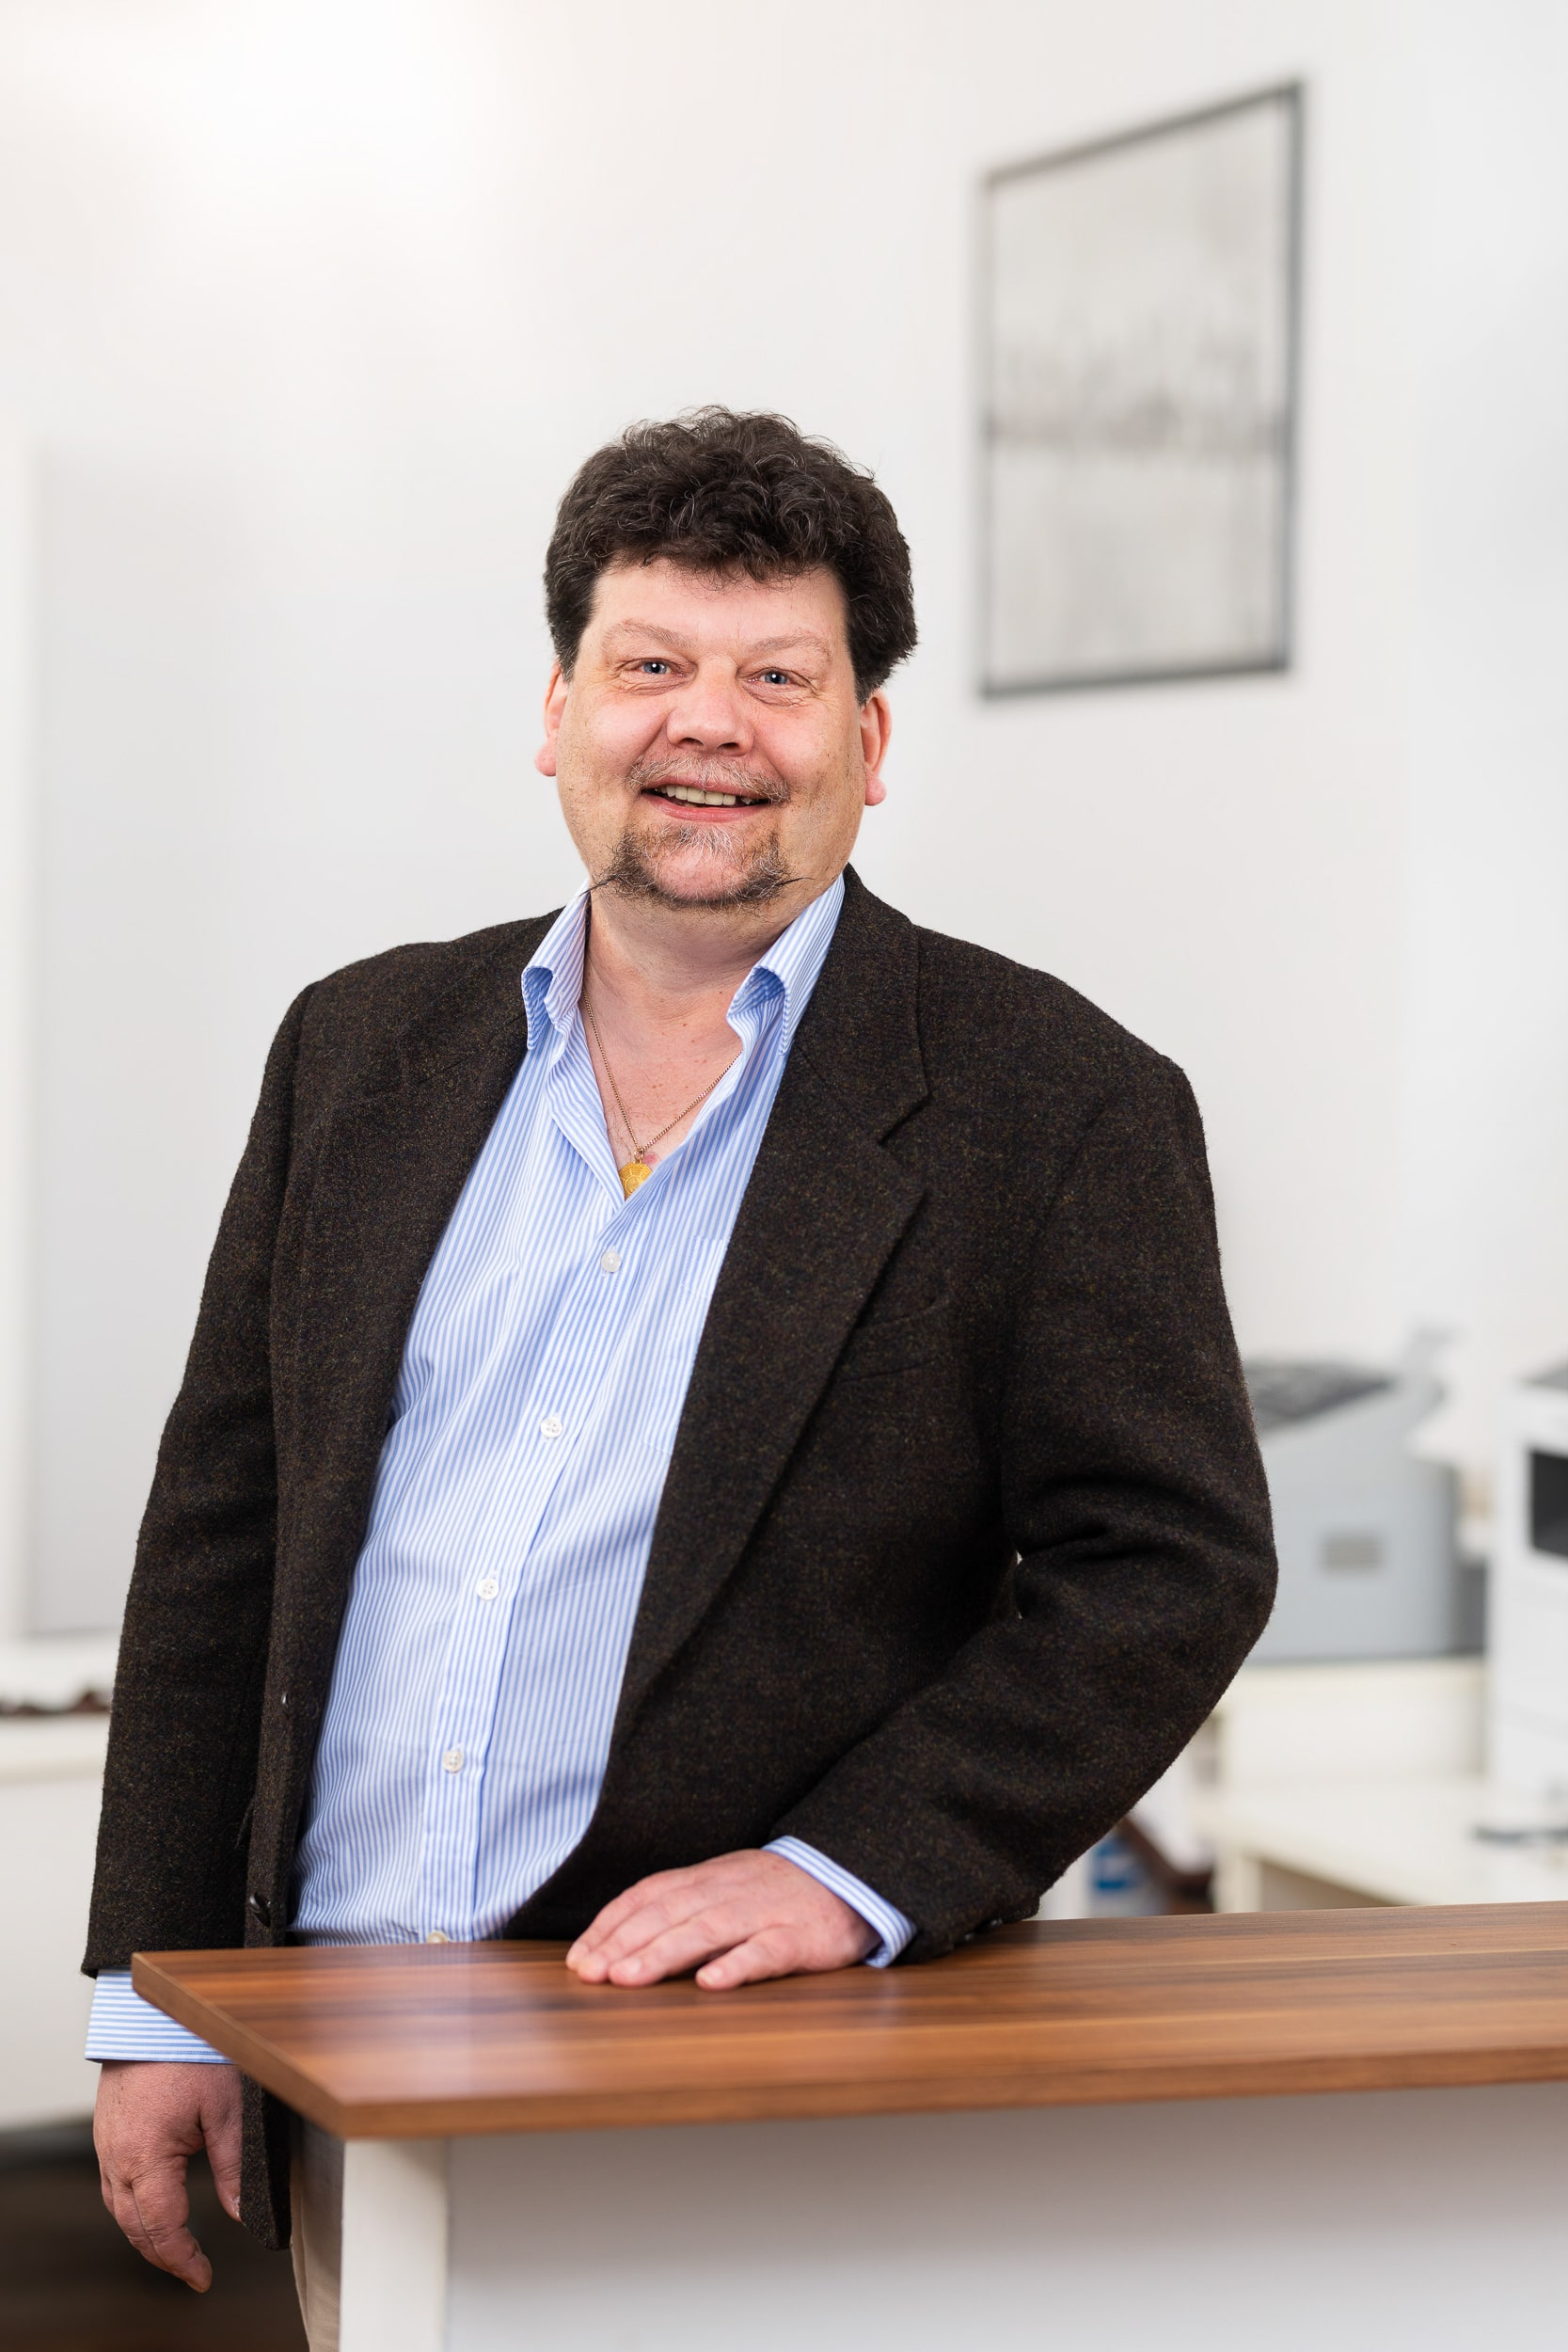 Helles Business Portrait des Inhabers einer Hamburger Immobilien Verwaltung |Business-Fotograf in der Region Osnabrück Münster Bielefeld für Unternehmensfotografie